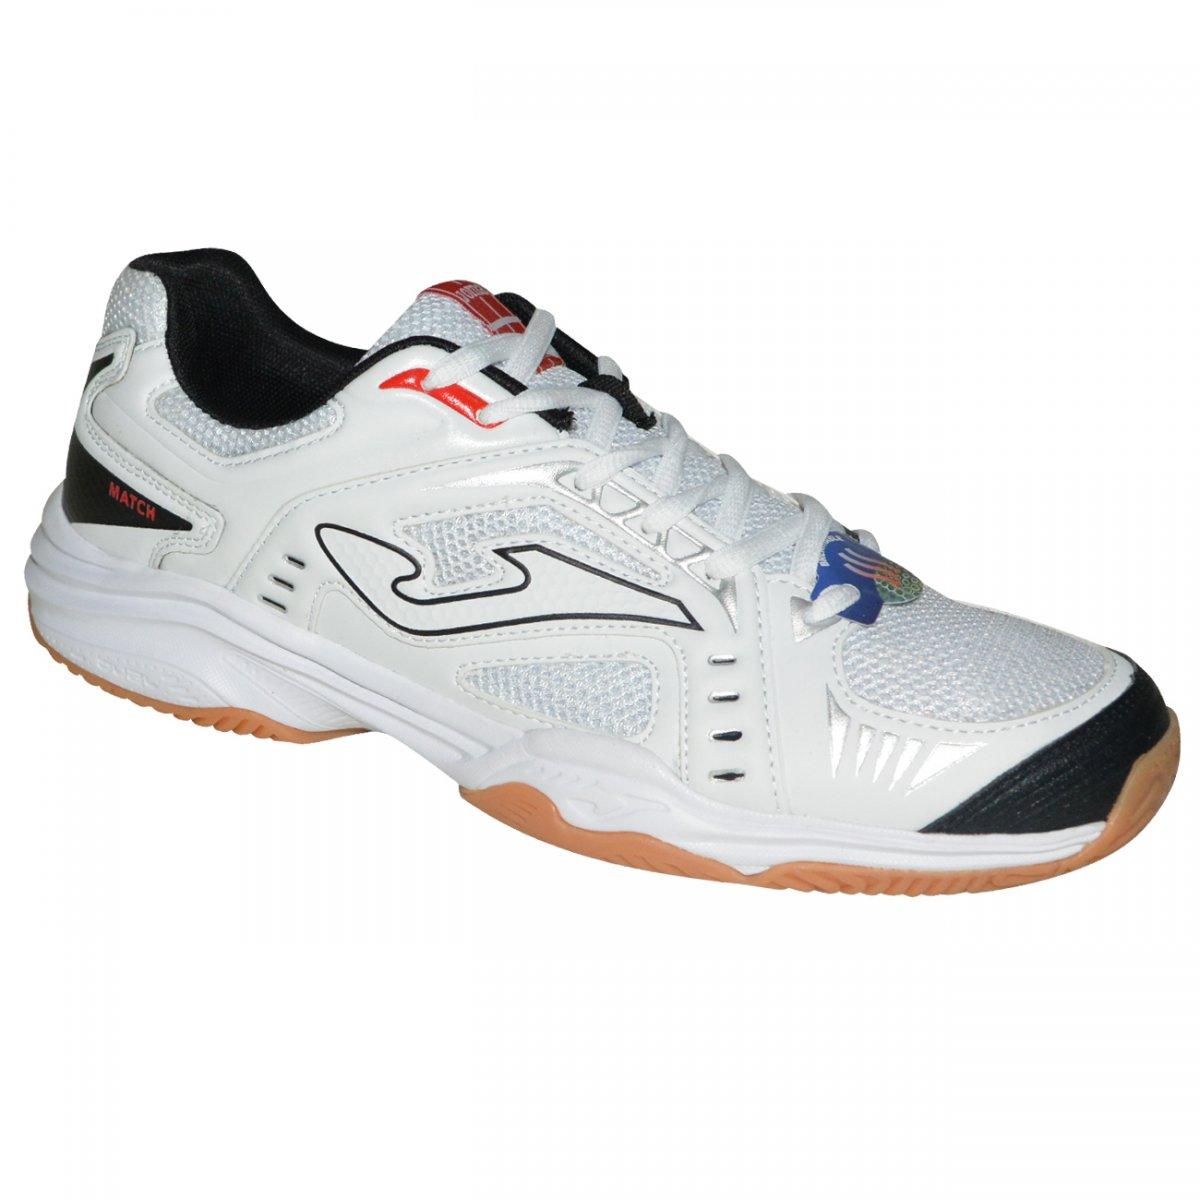 2105ddbac8733 Tenis Joma T.Match 802 T.MATS-802 - Branco preto - Chuteira Nike ...